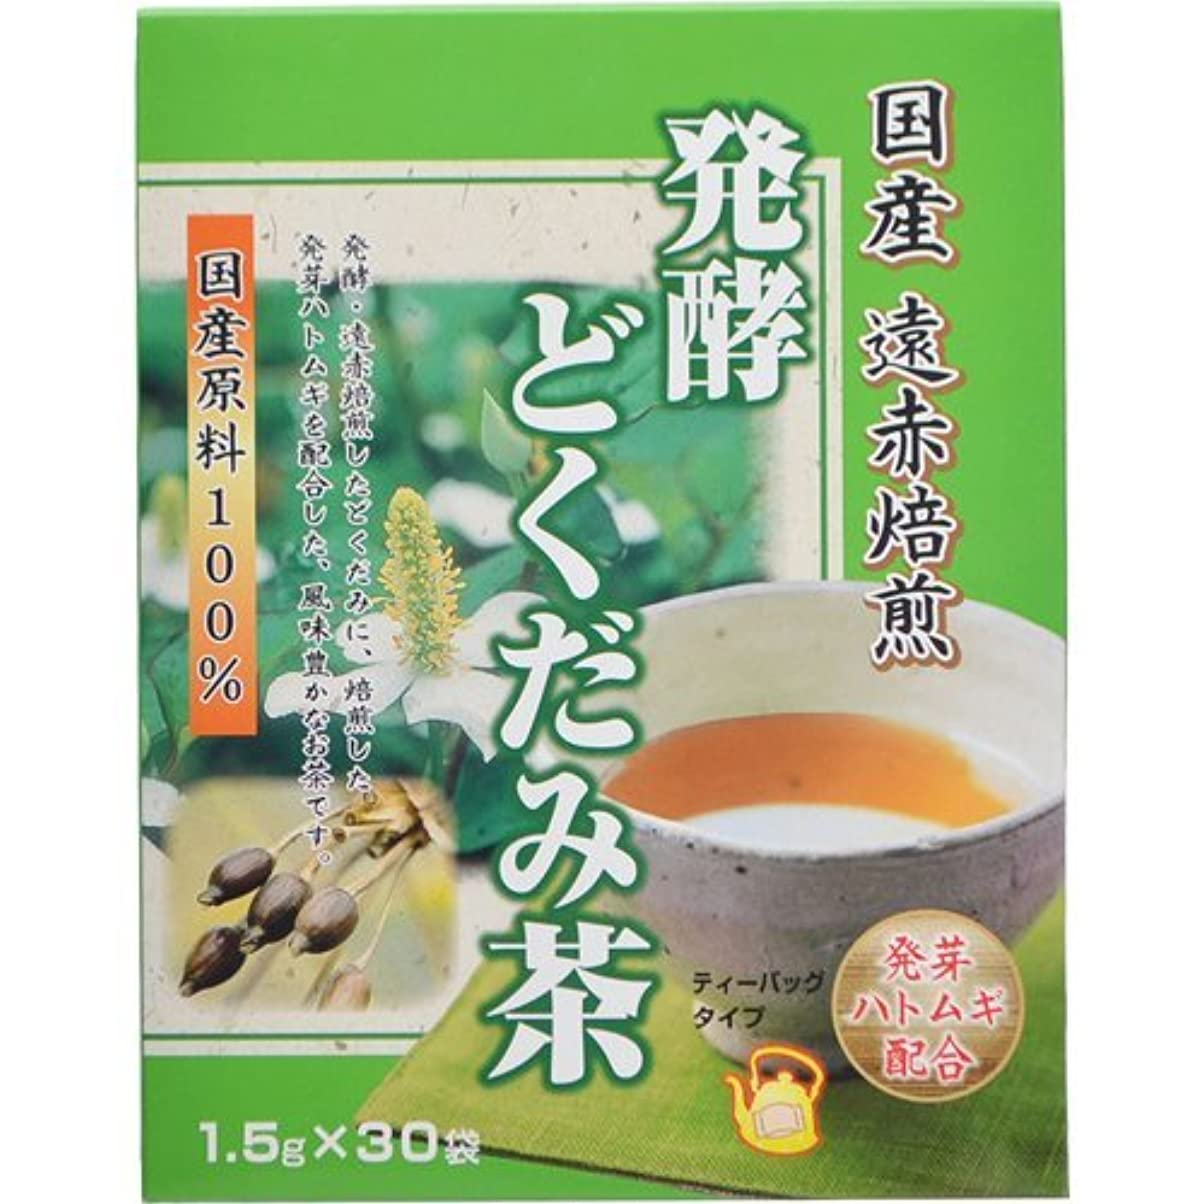 未満母性違反するユニマットリケン 発酵どくだみ茶 30袋入 × 20個セット